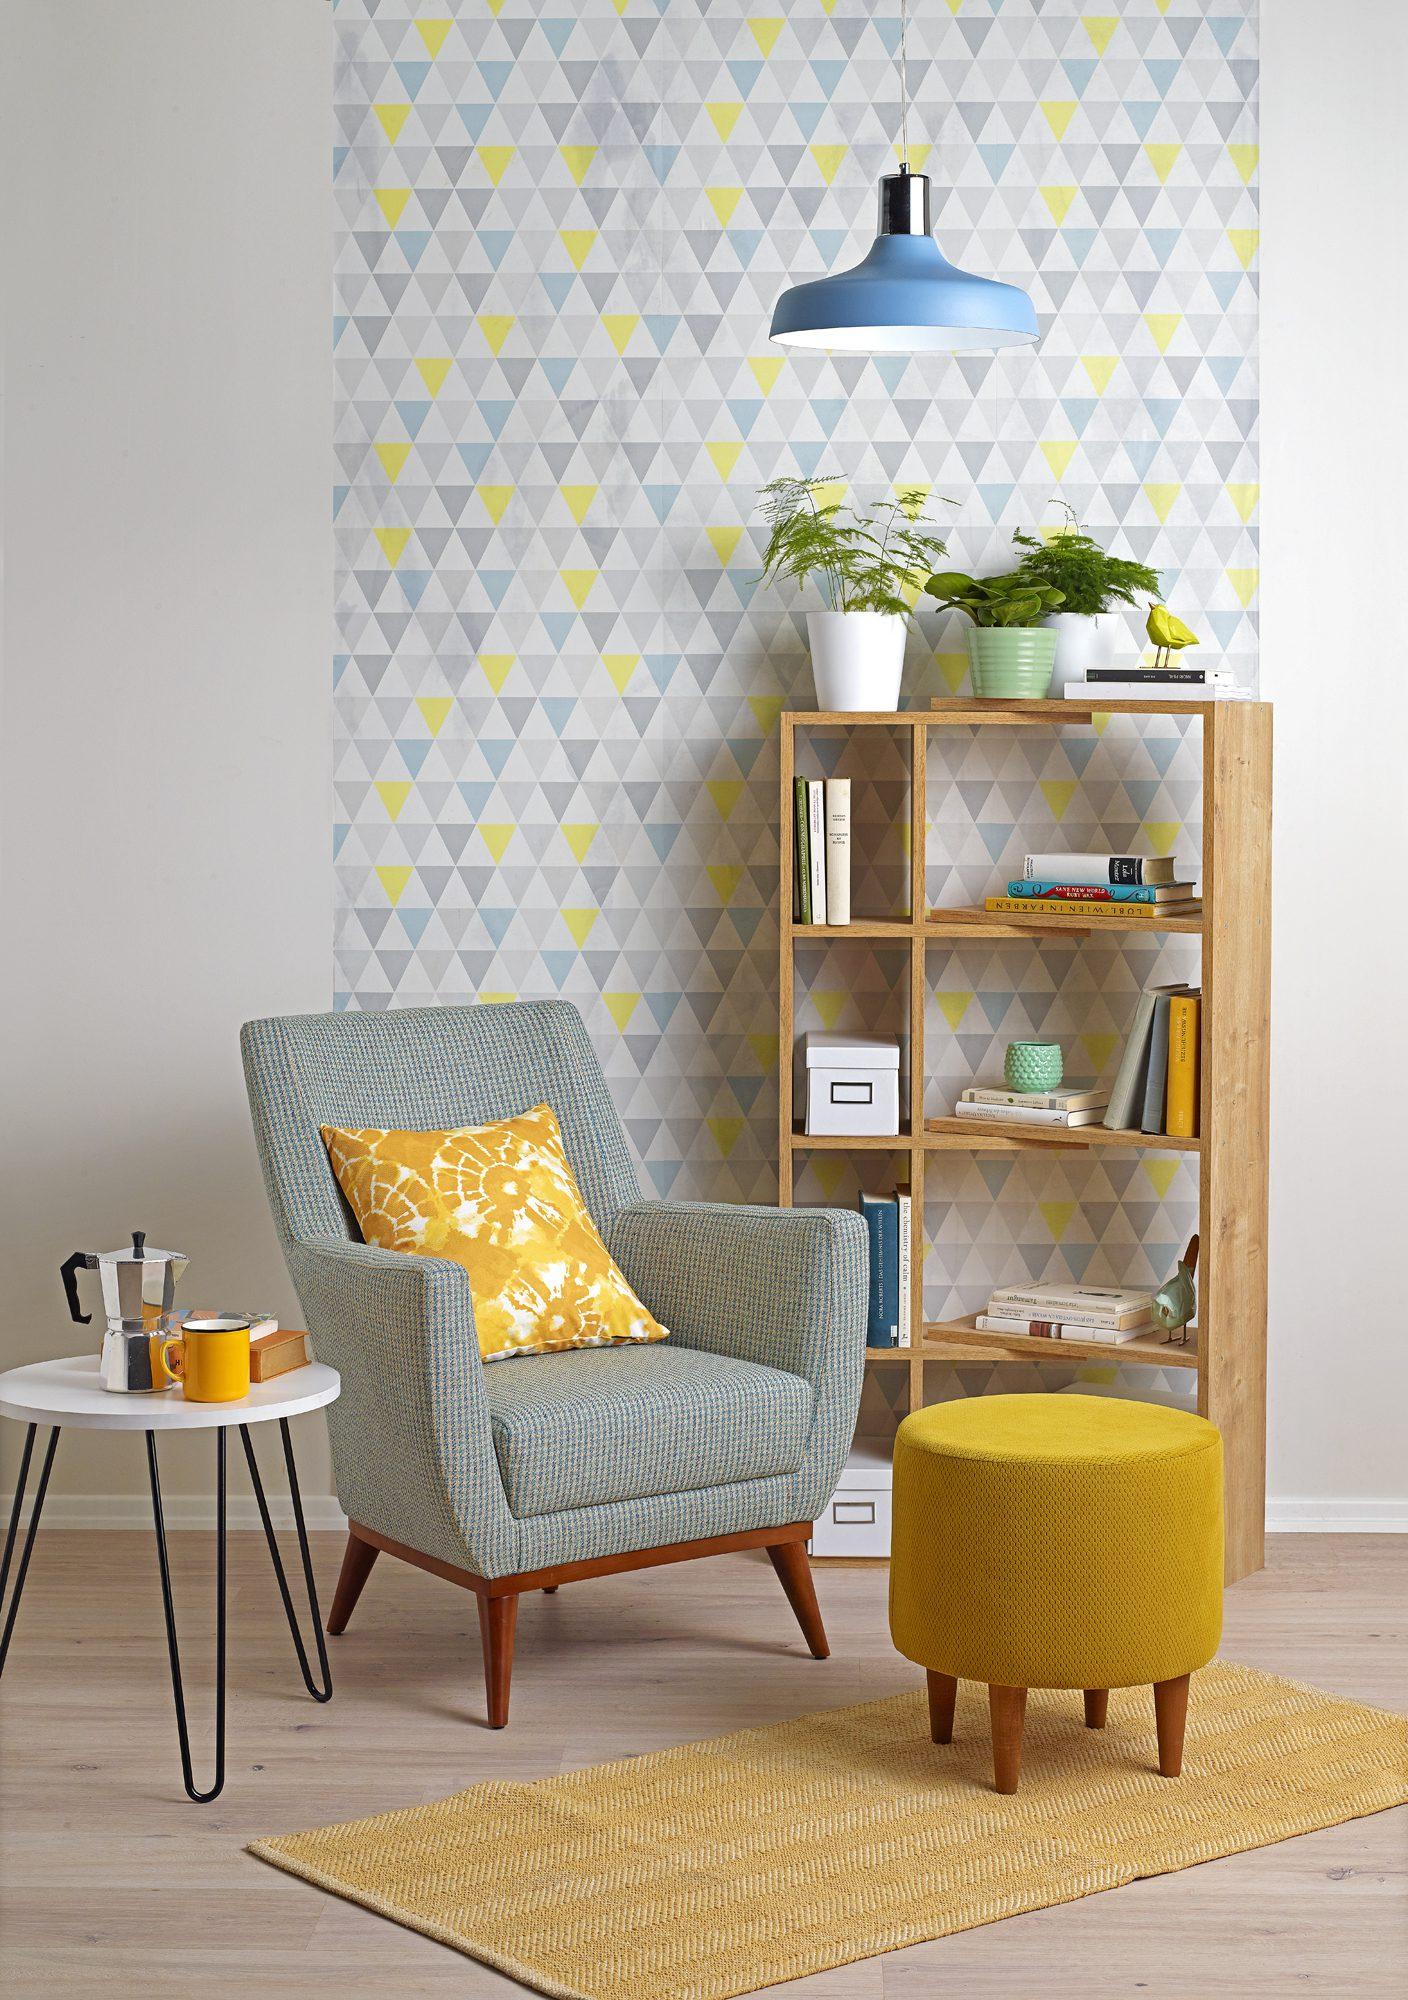 Hayatın Renkleri'nde mobilya seçimi.